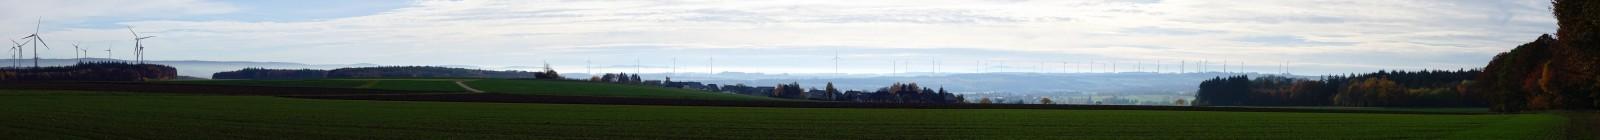 Burgstadtpfad (7)